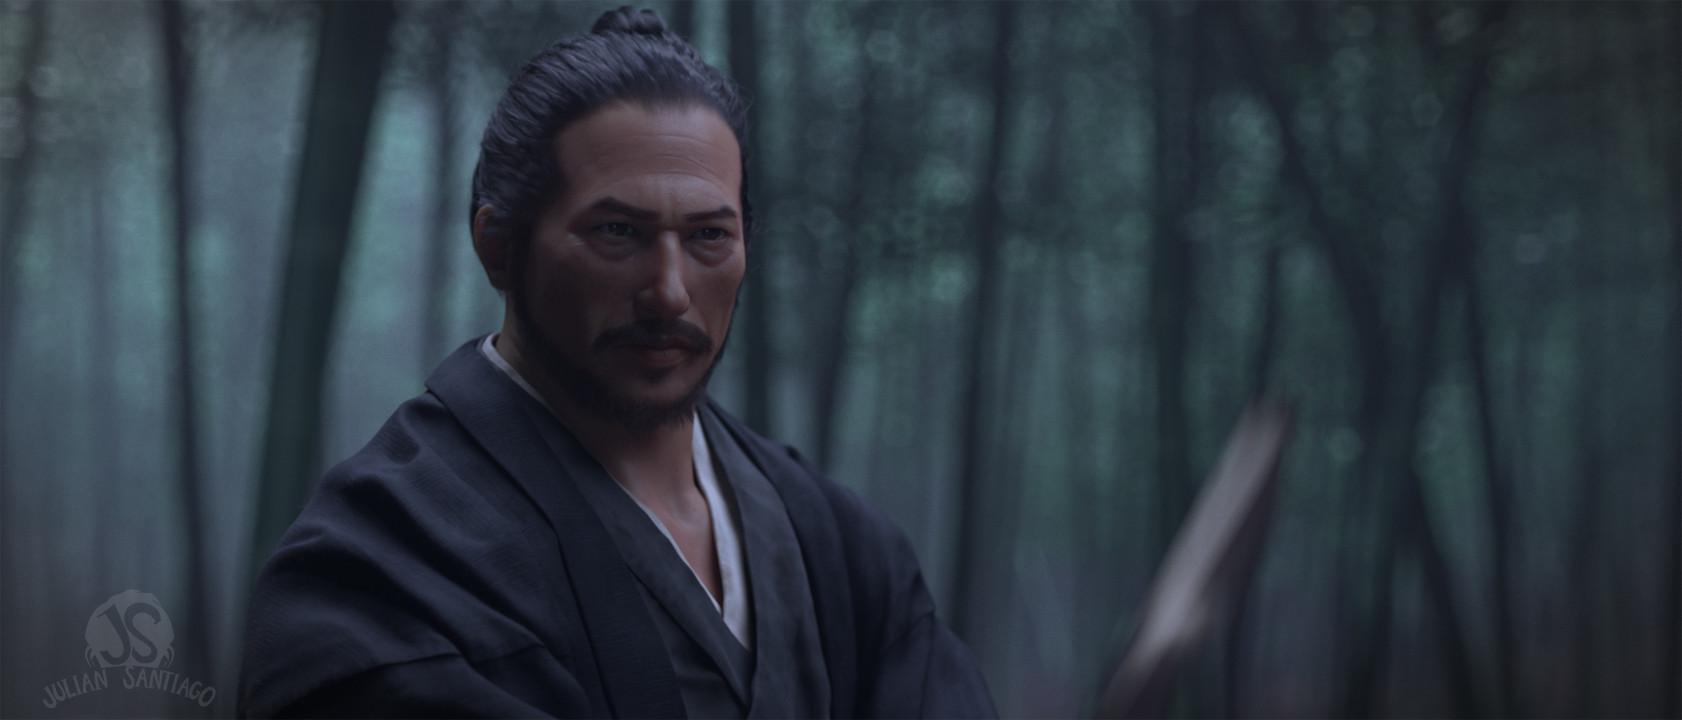 Julian santiago juliansantiago samurai dark